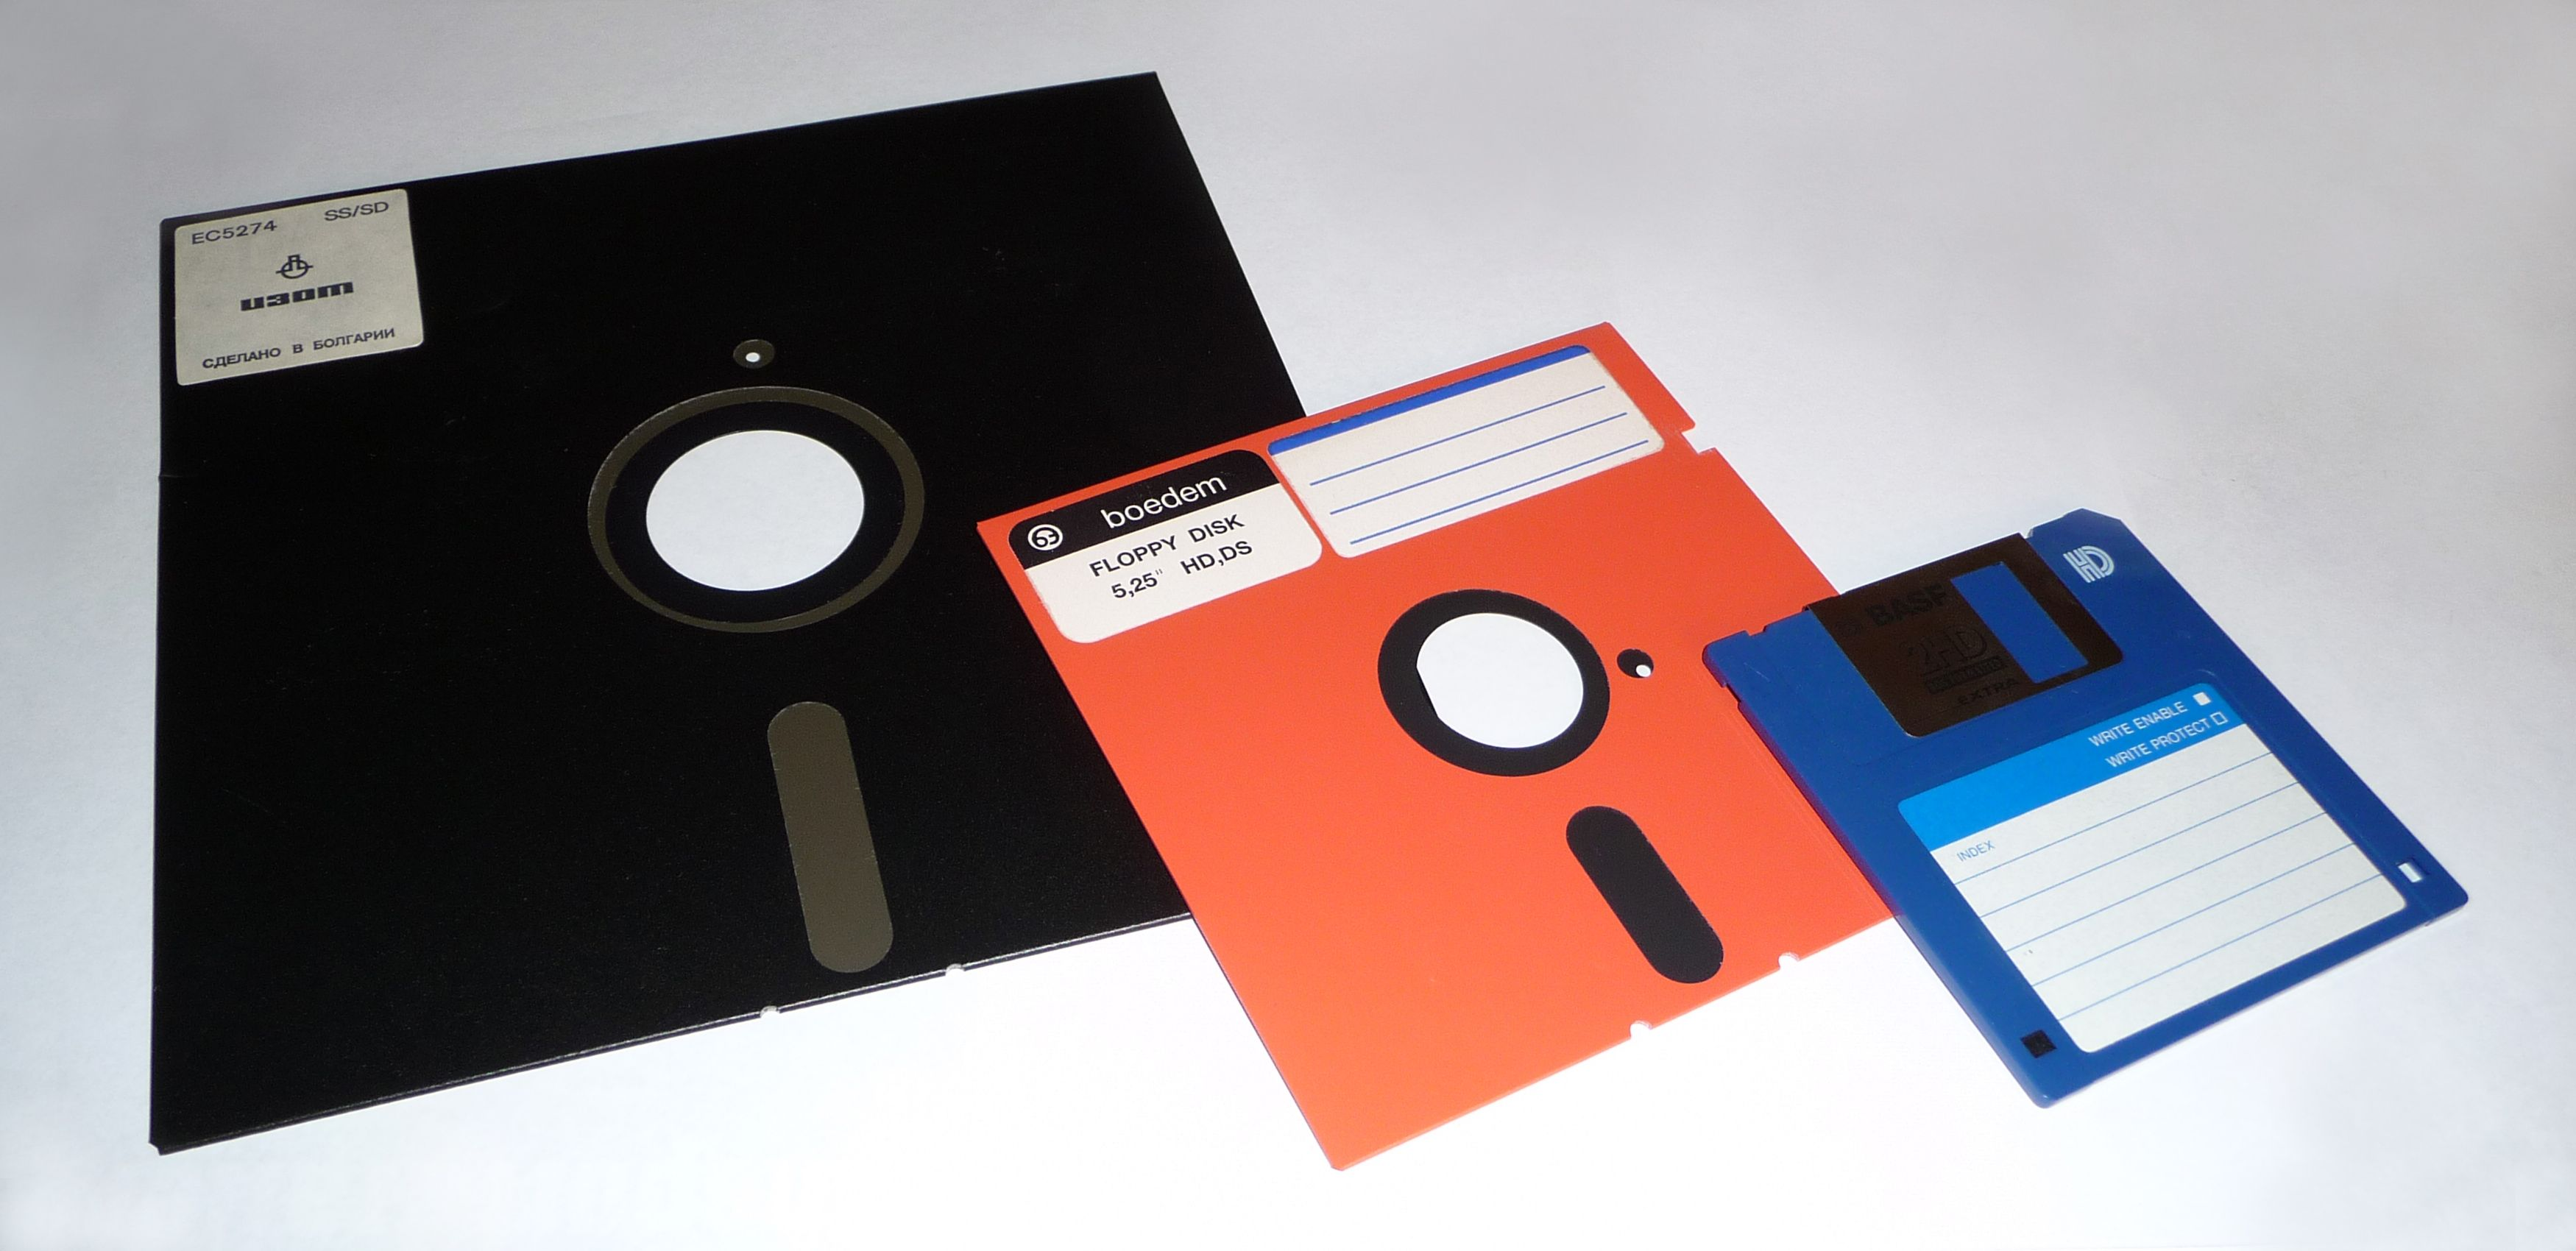 Картинки по запросу technology in the 70s